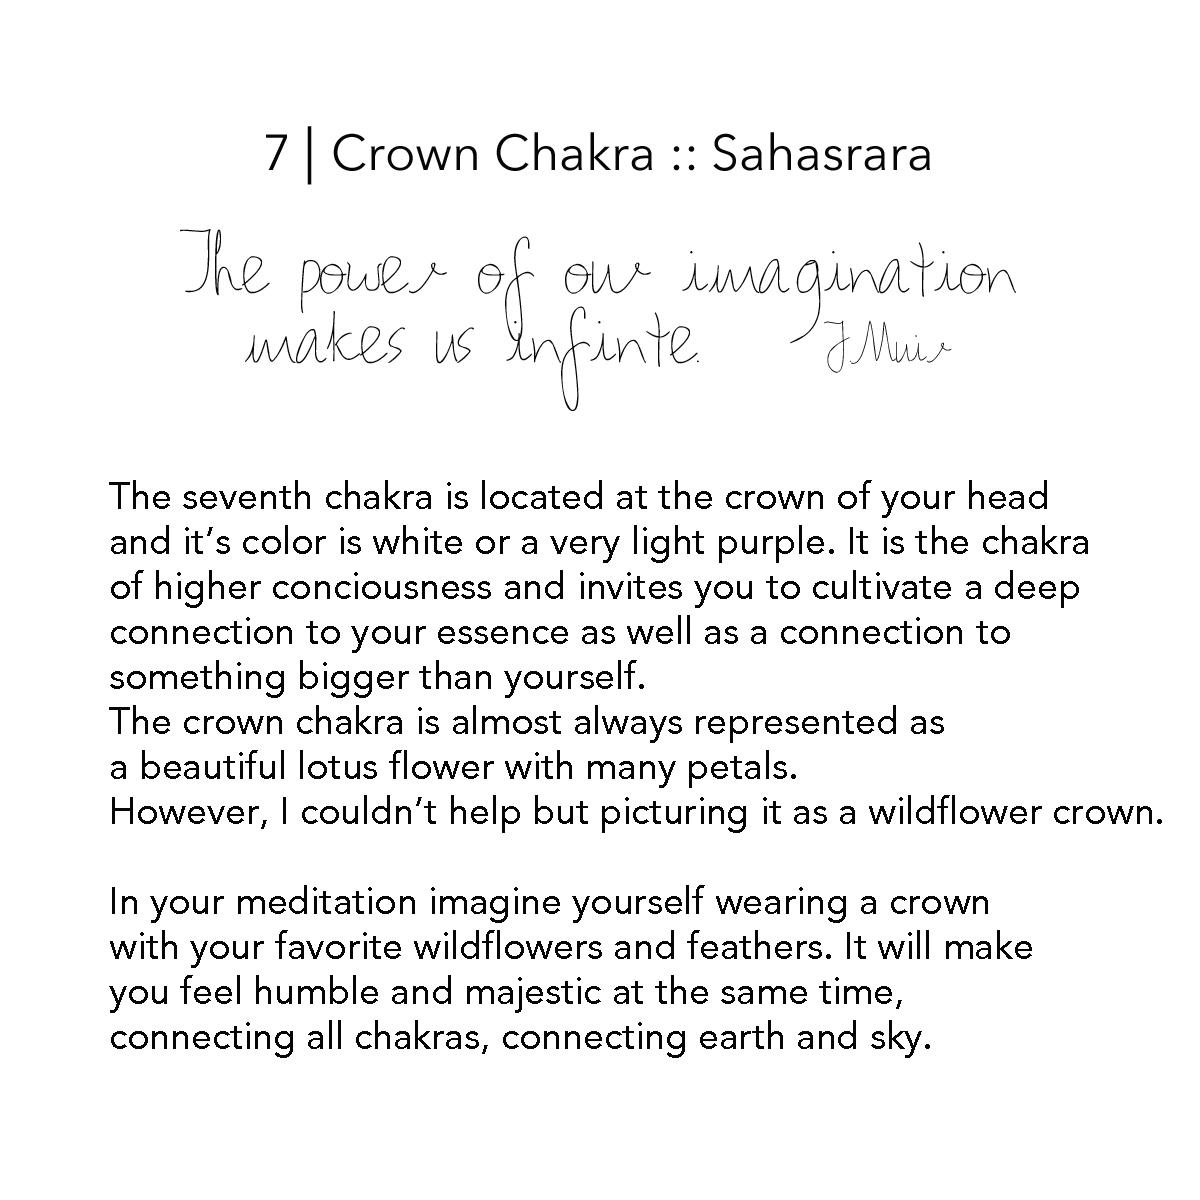 7chakradescription.jpg